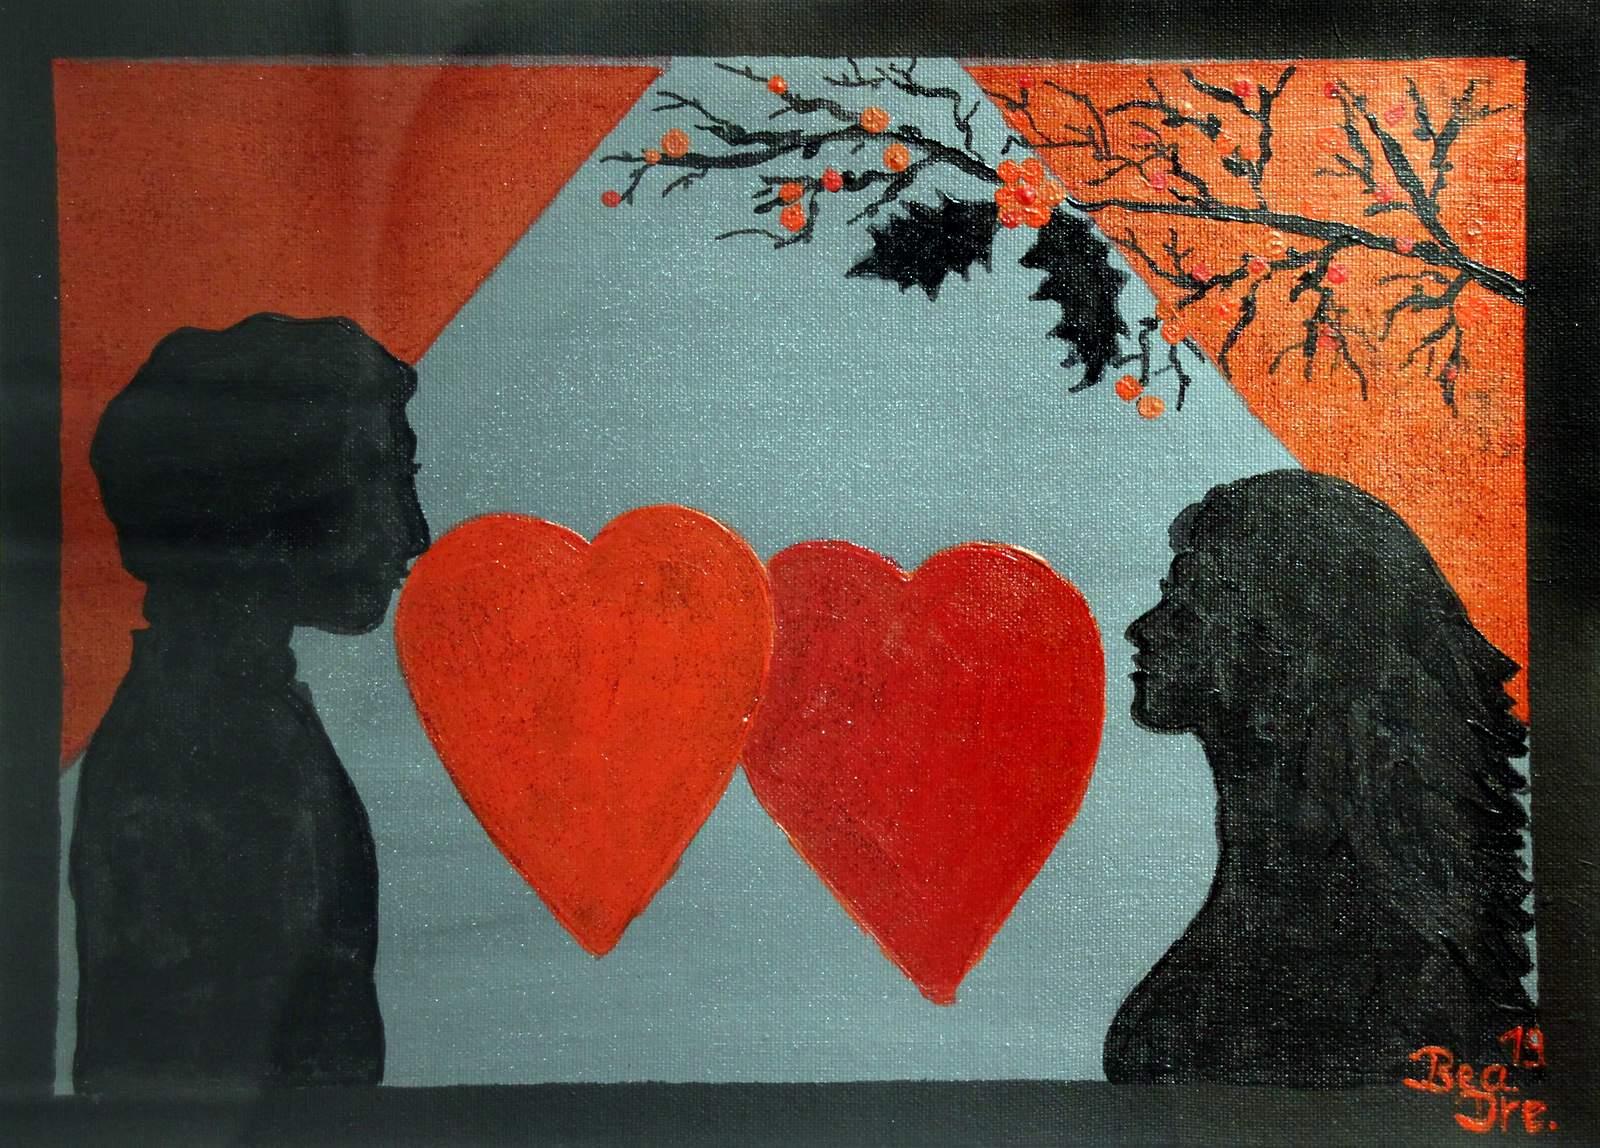 Liebe und Leid (2), Trilogie, Acrylfarbe, 40 x 50 cm, 2019